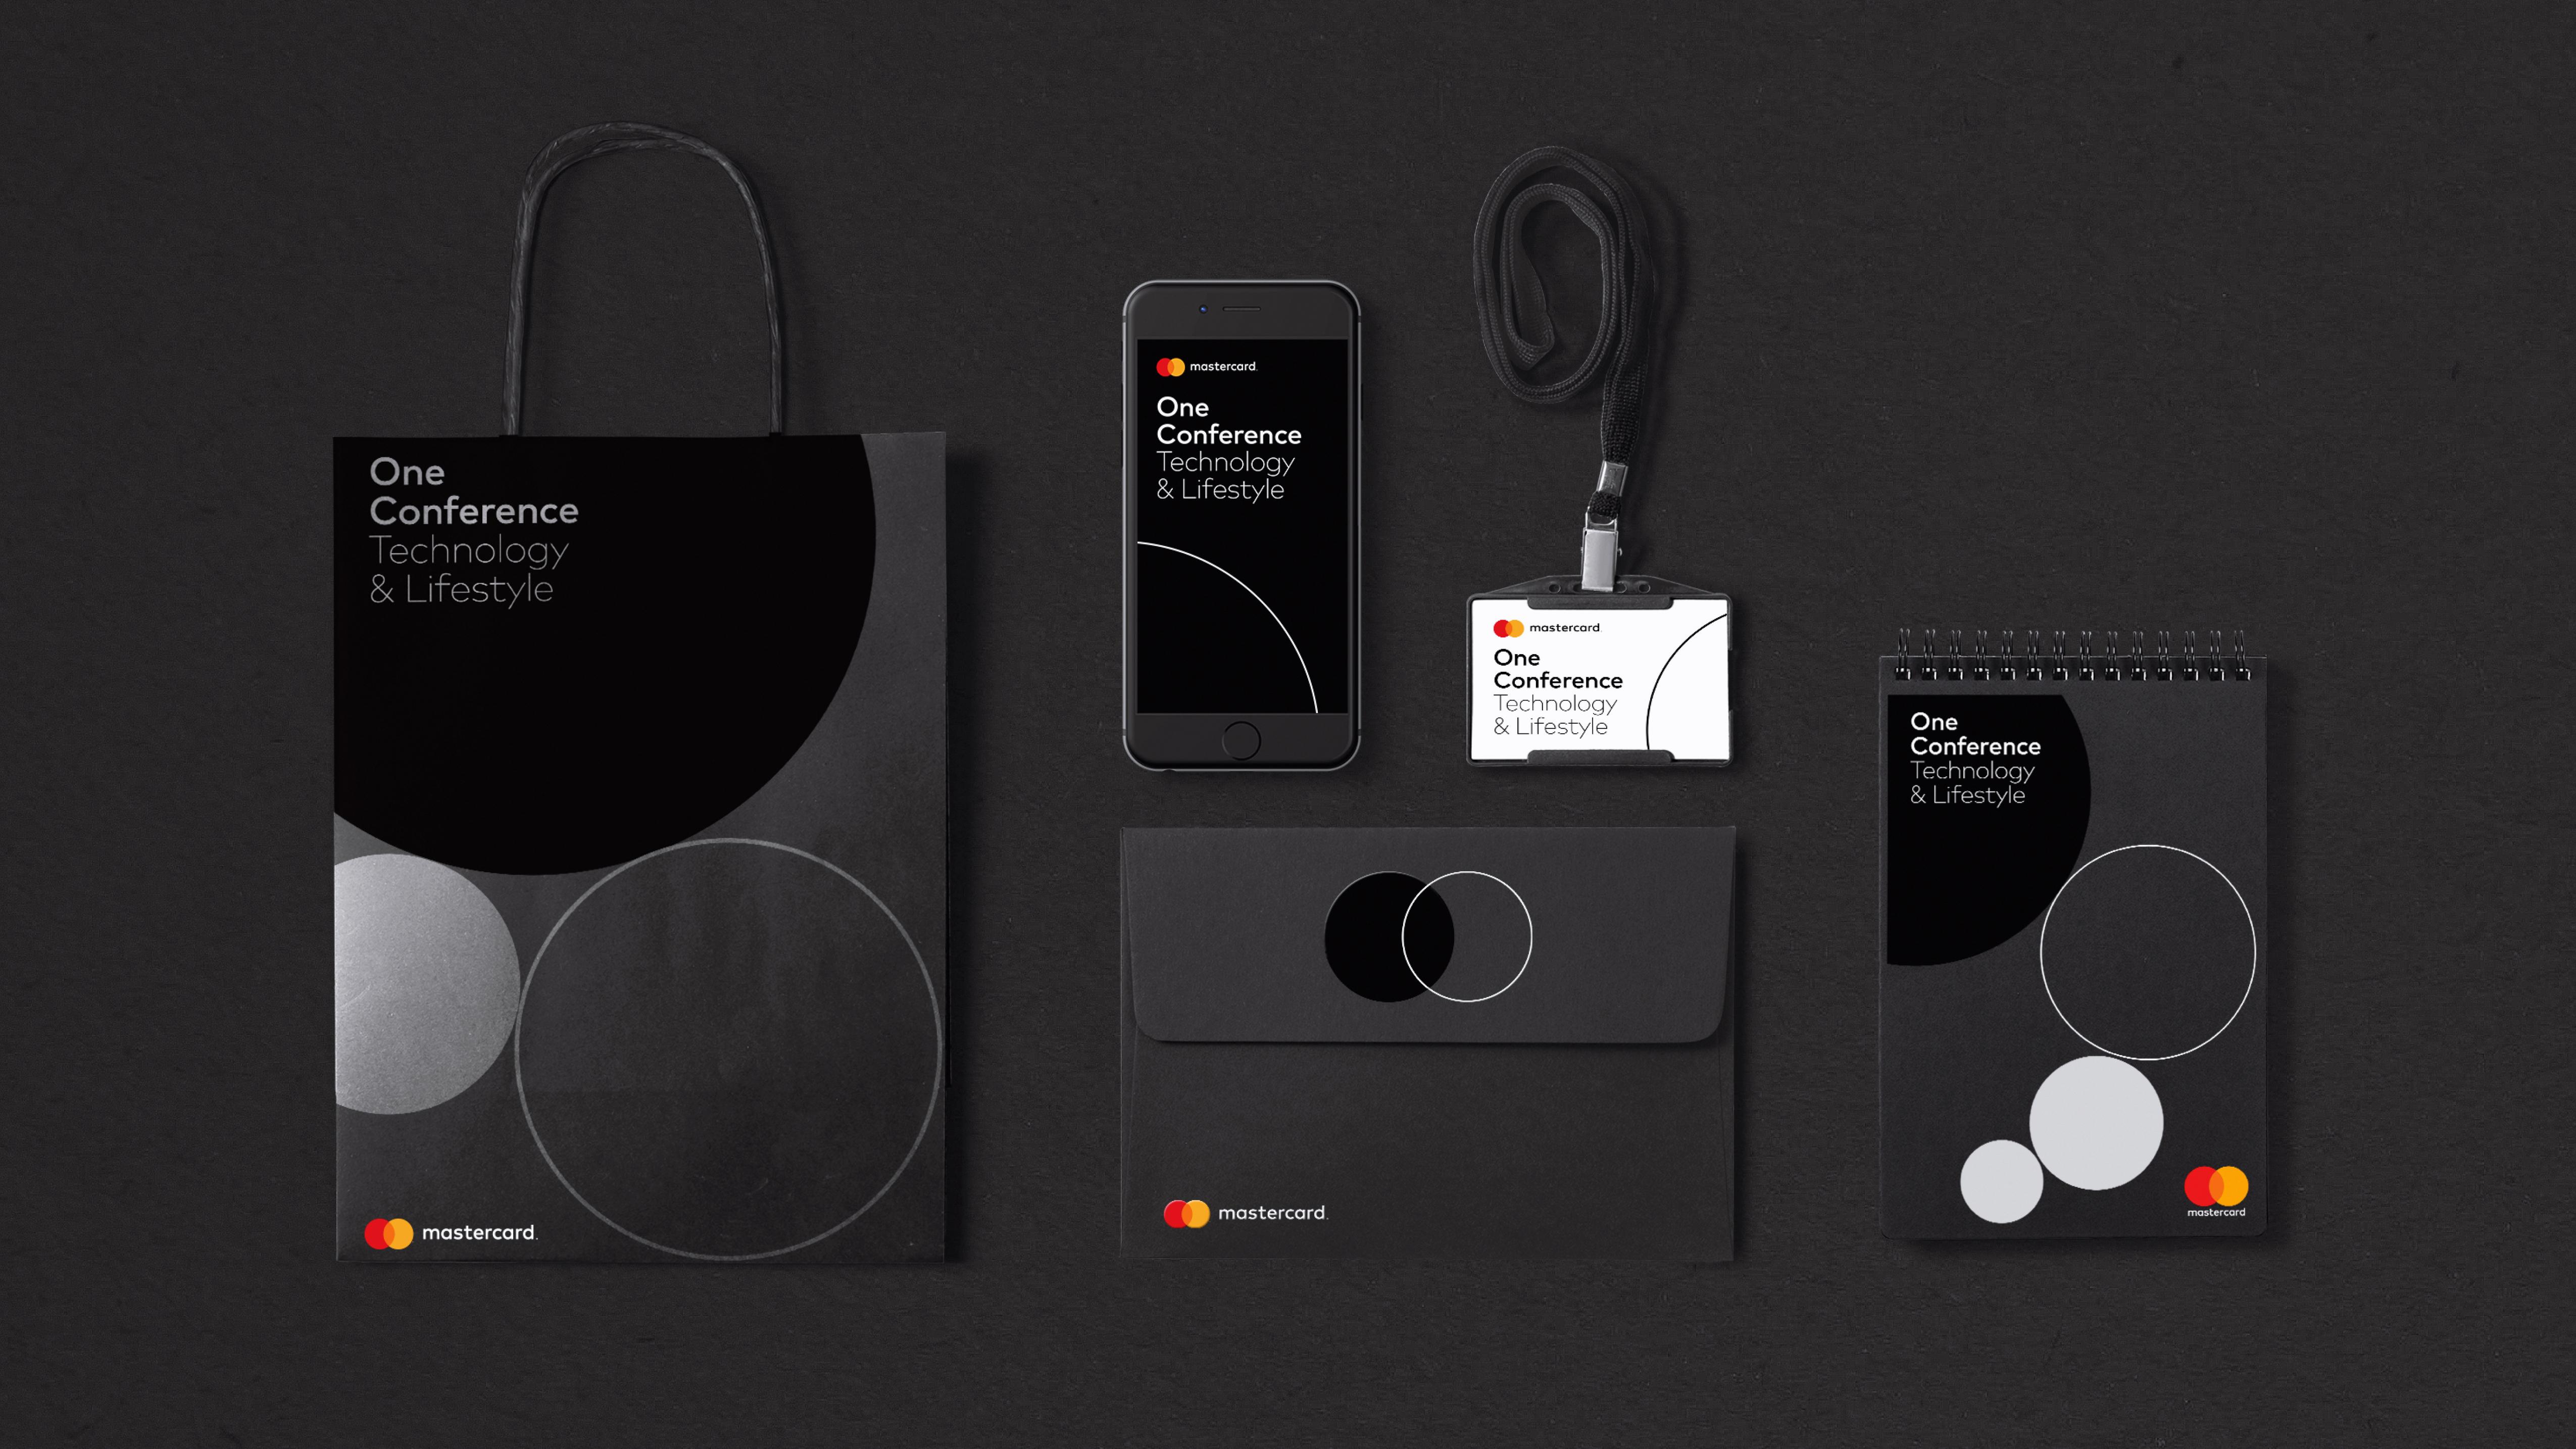 Resultado de imagen para Mastercard rebrand image